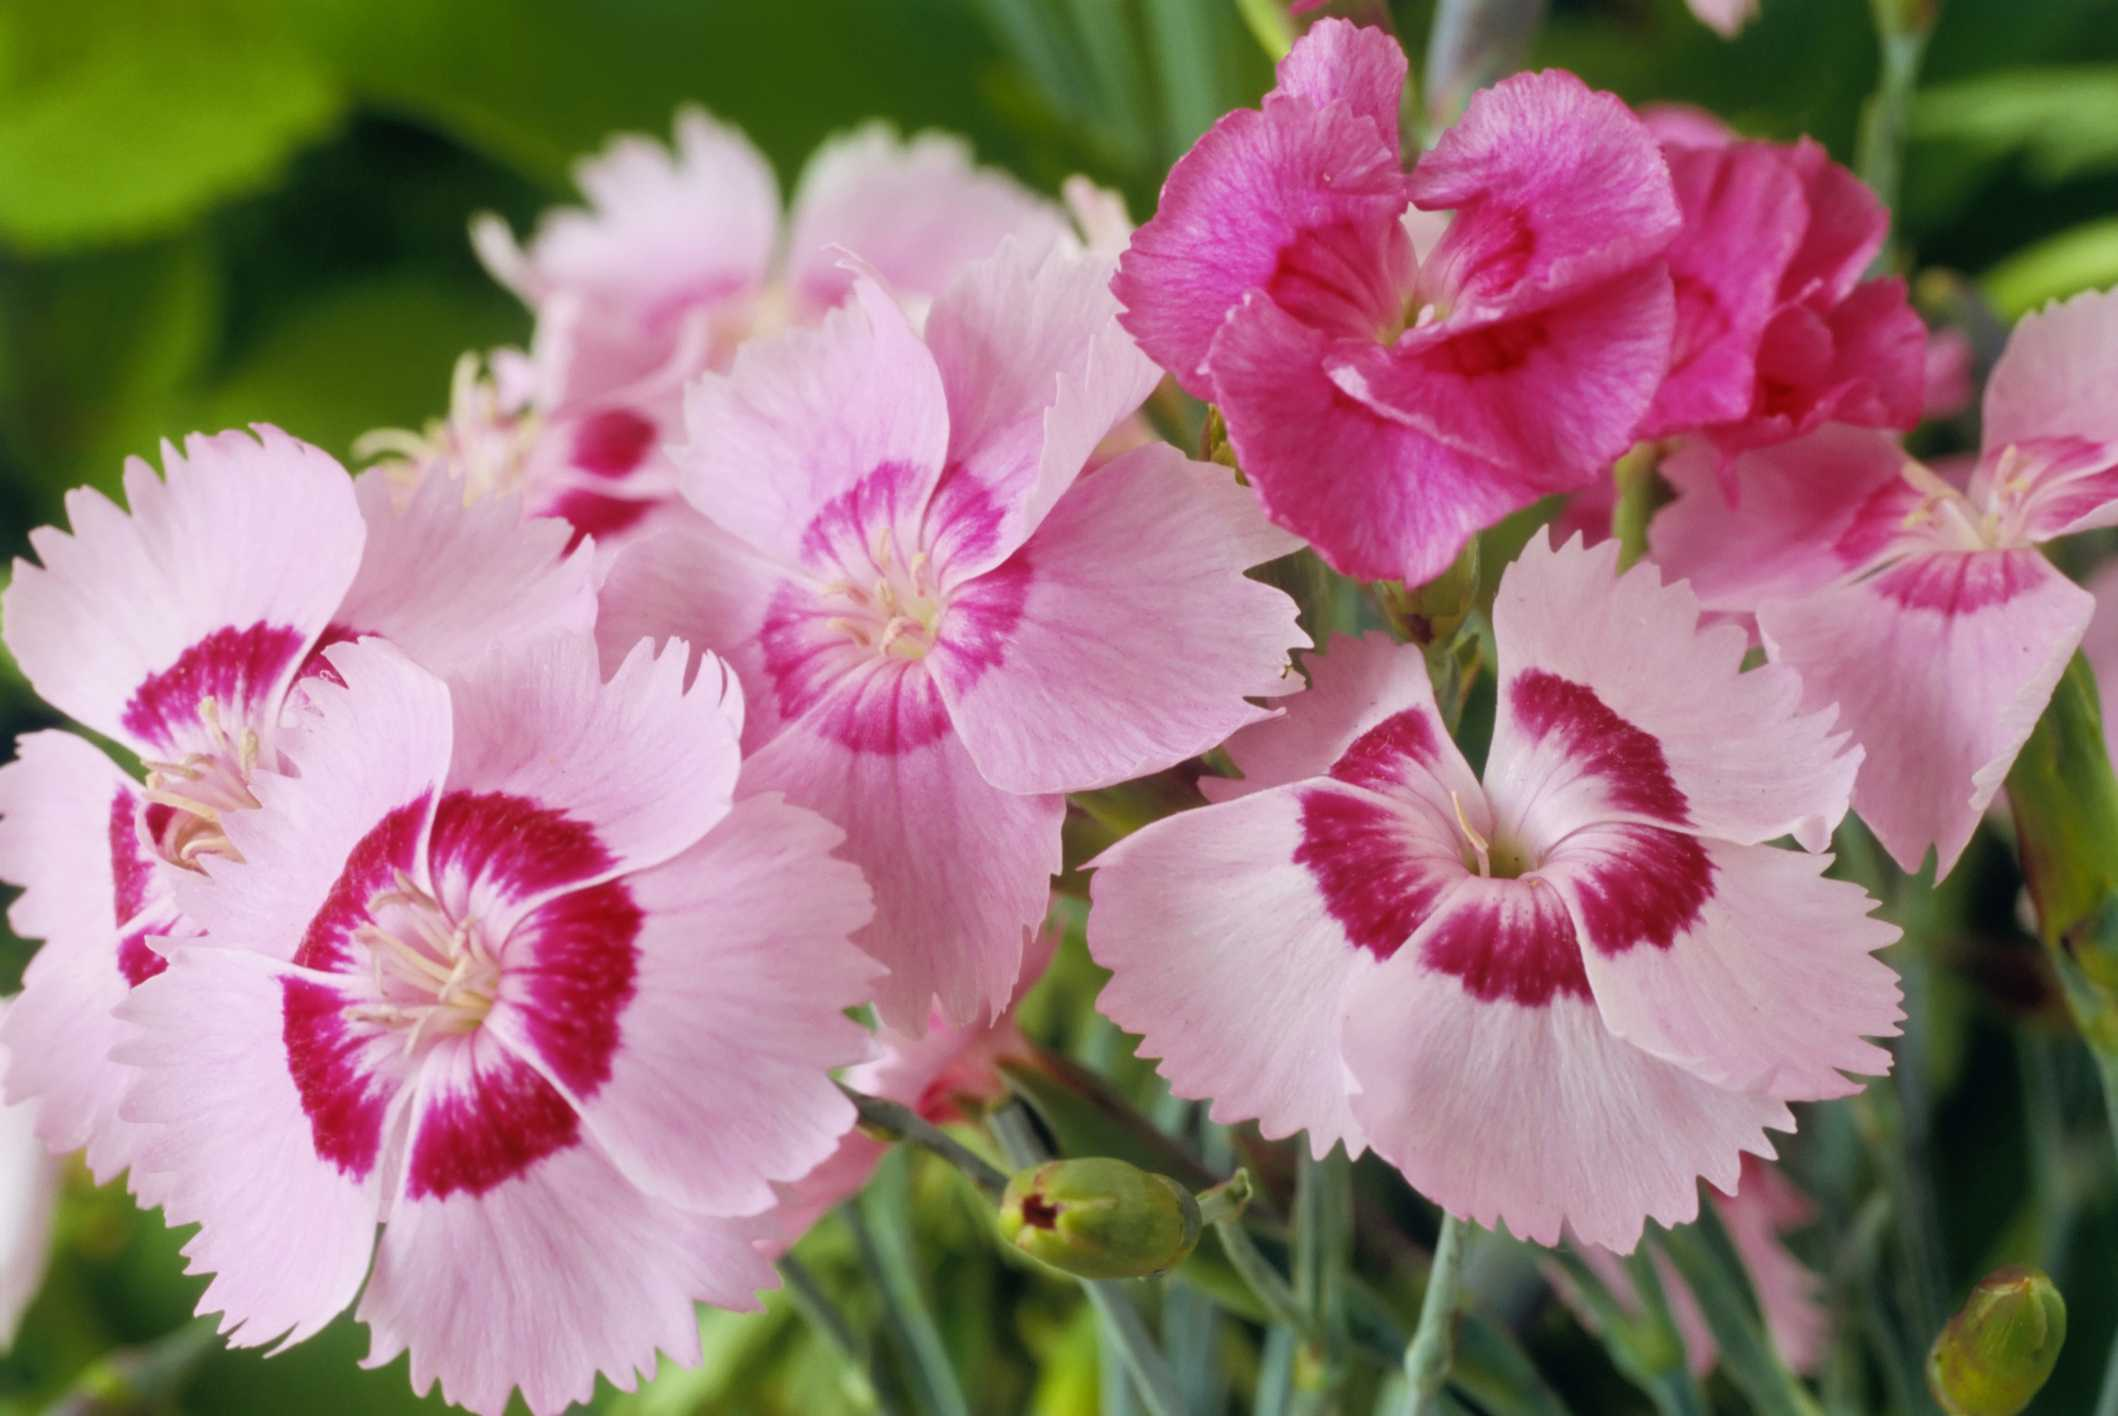 Pinks (Dianthus plumarius)